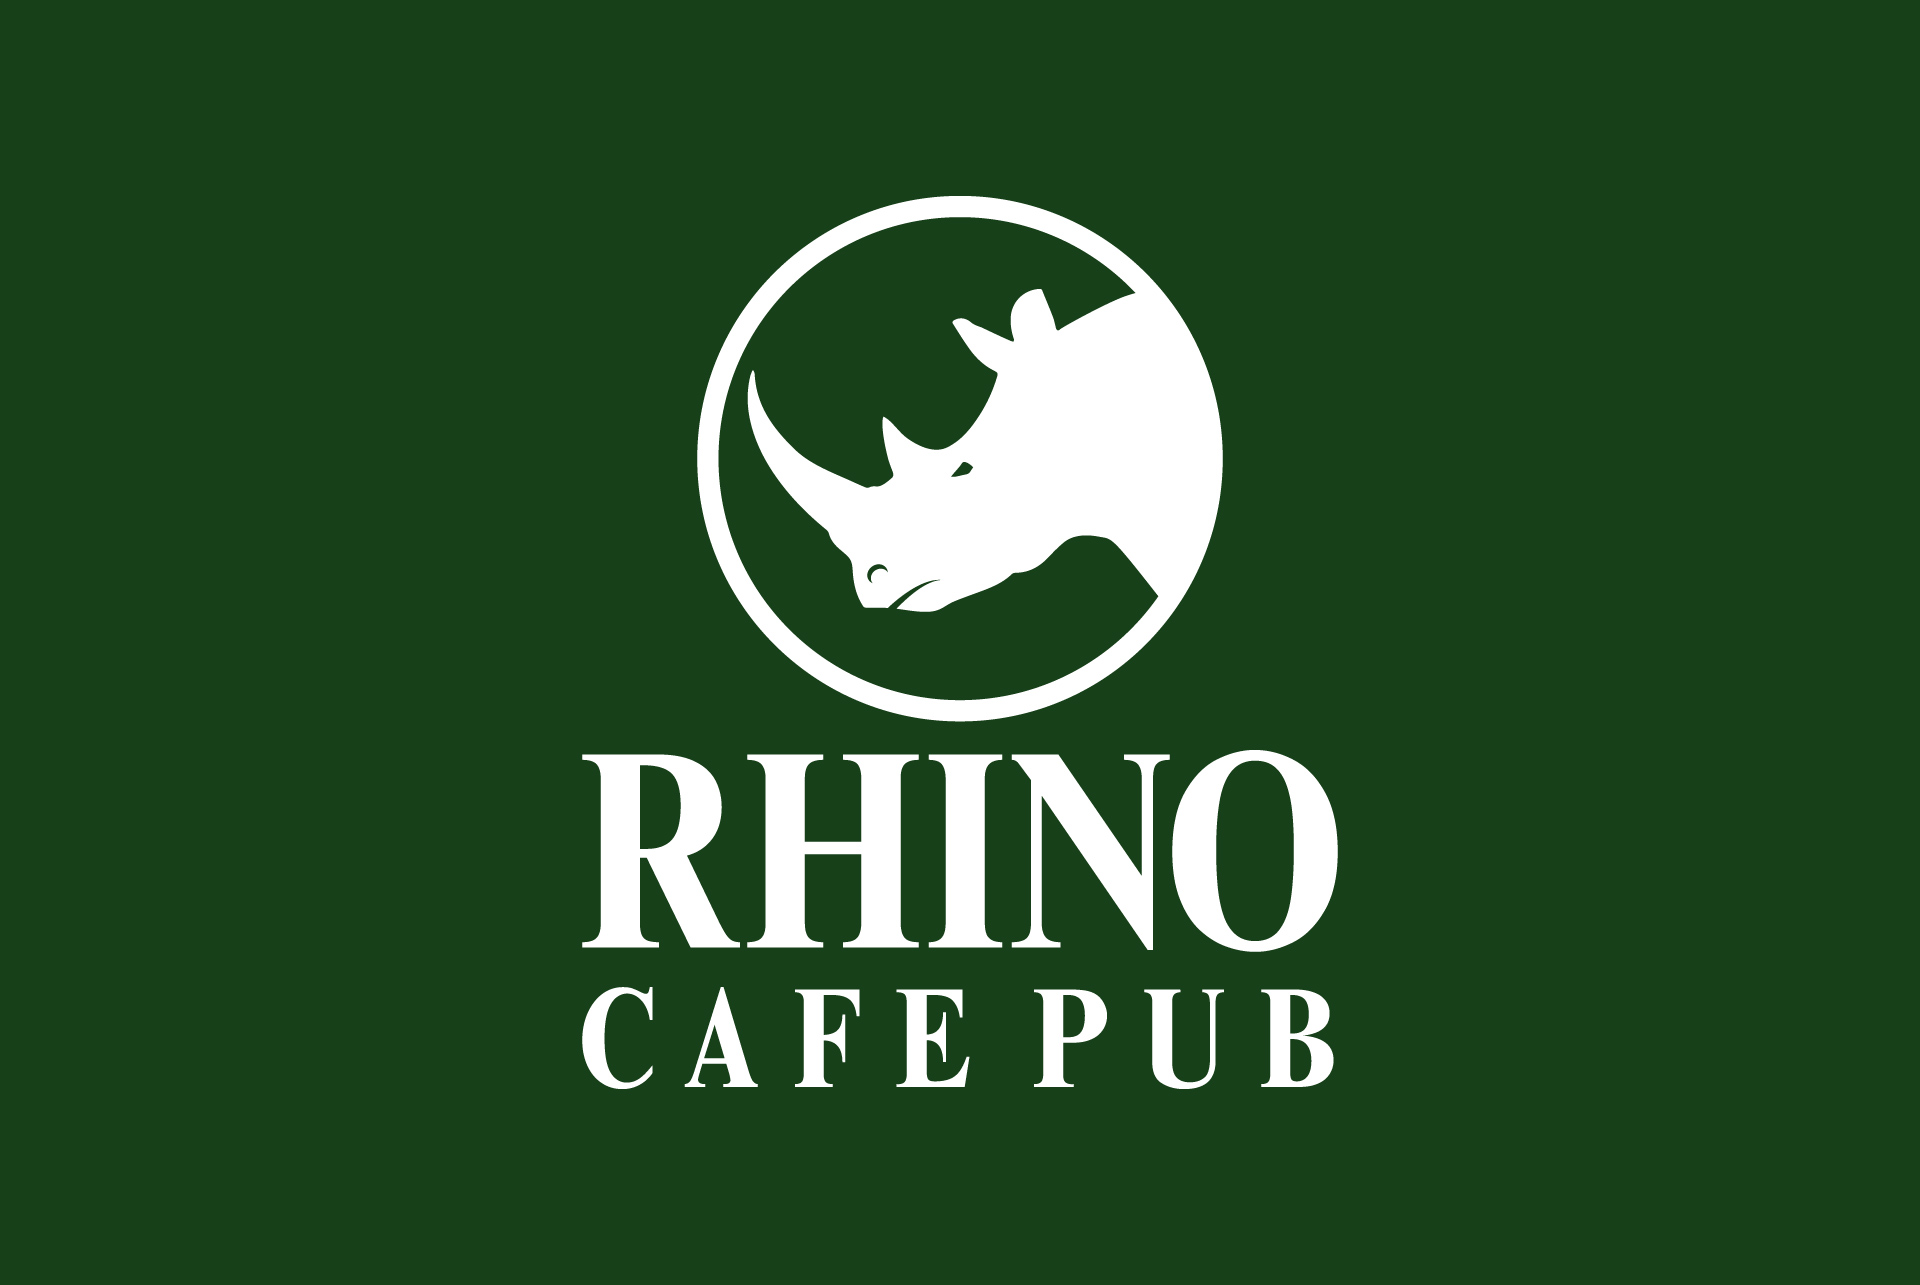 Rhino Cafe Pub